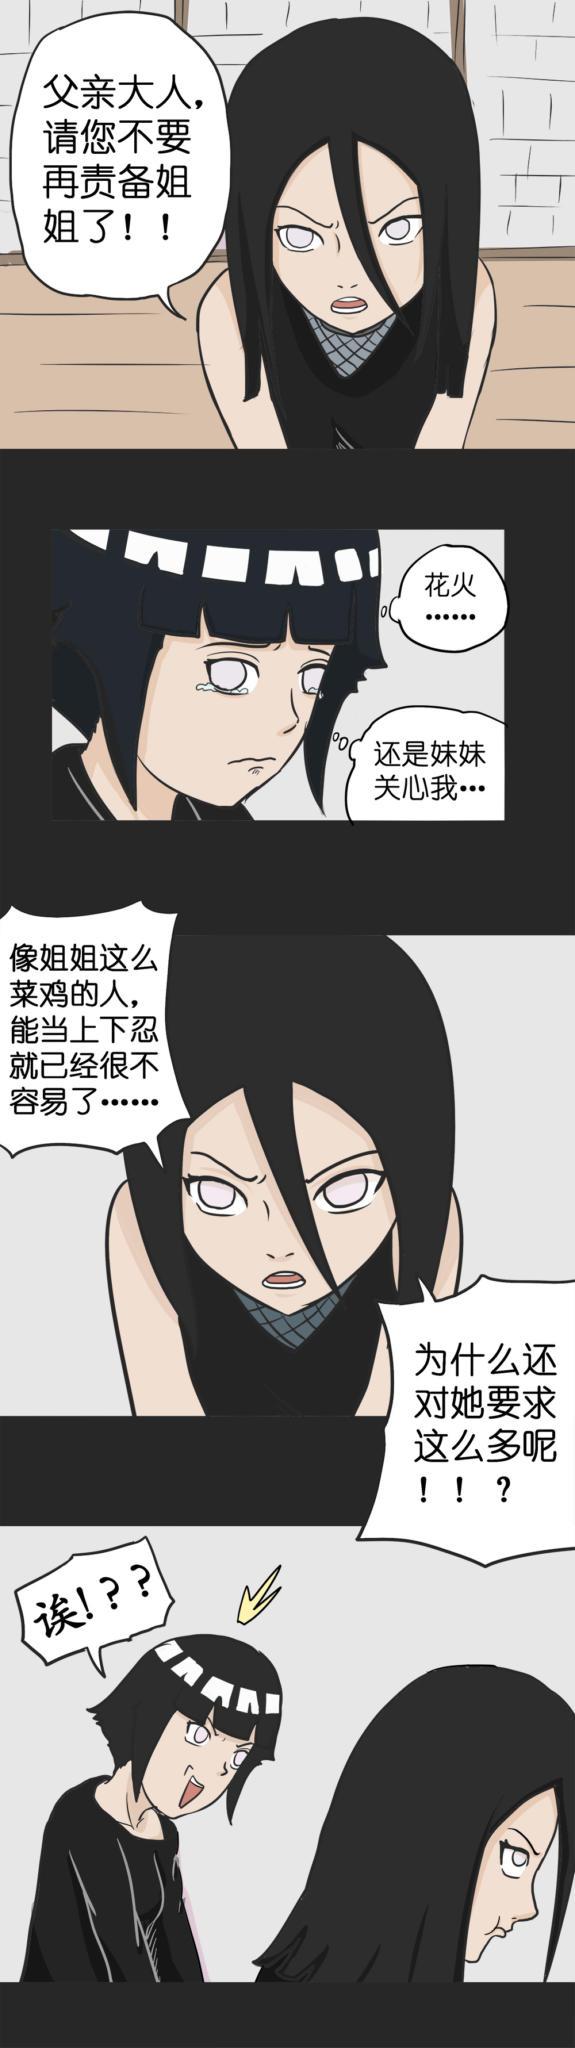 火影忍者日常搞笑漫画 这是亲妹妹!